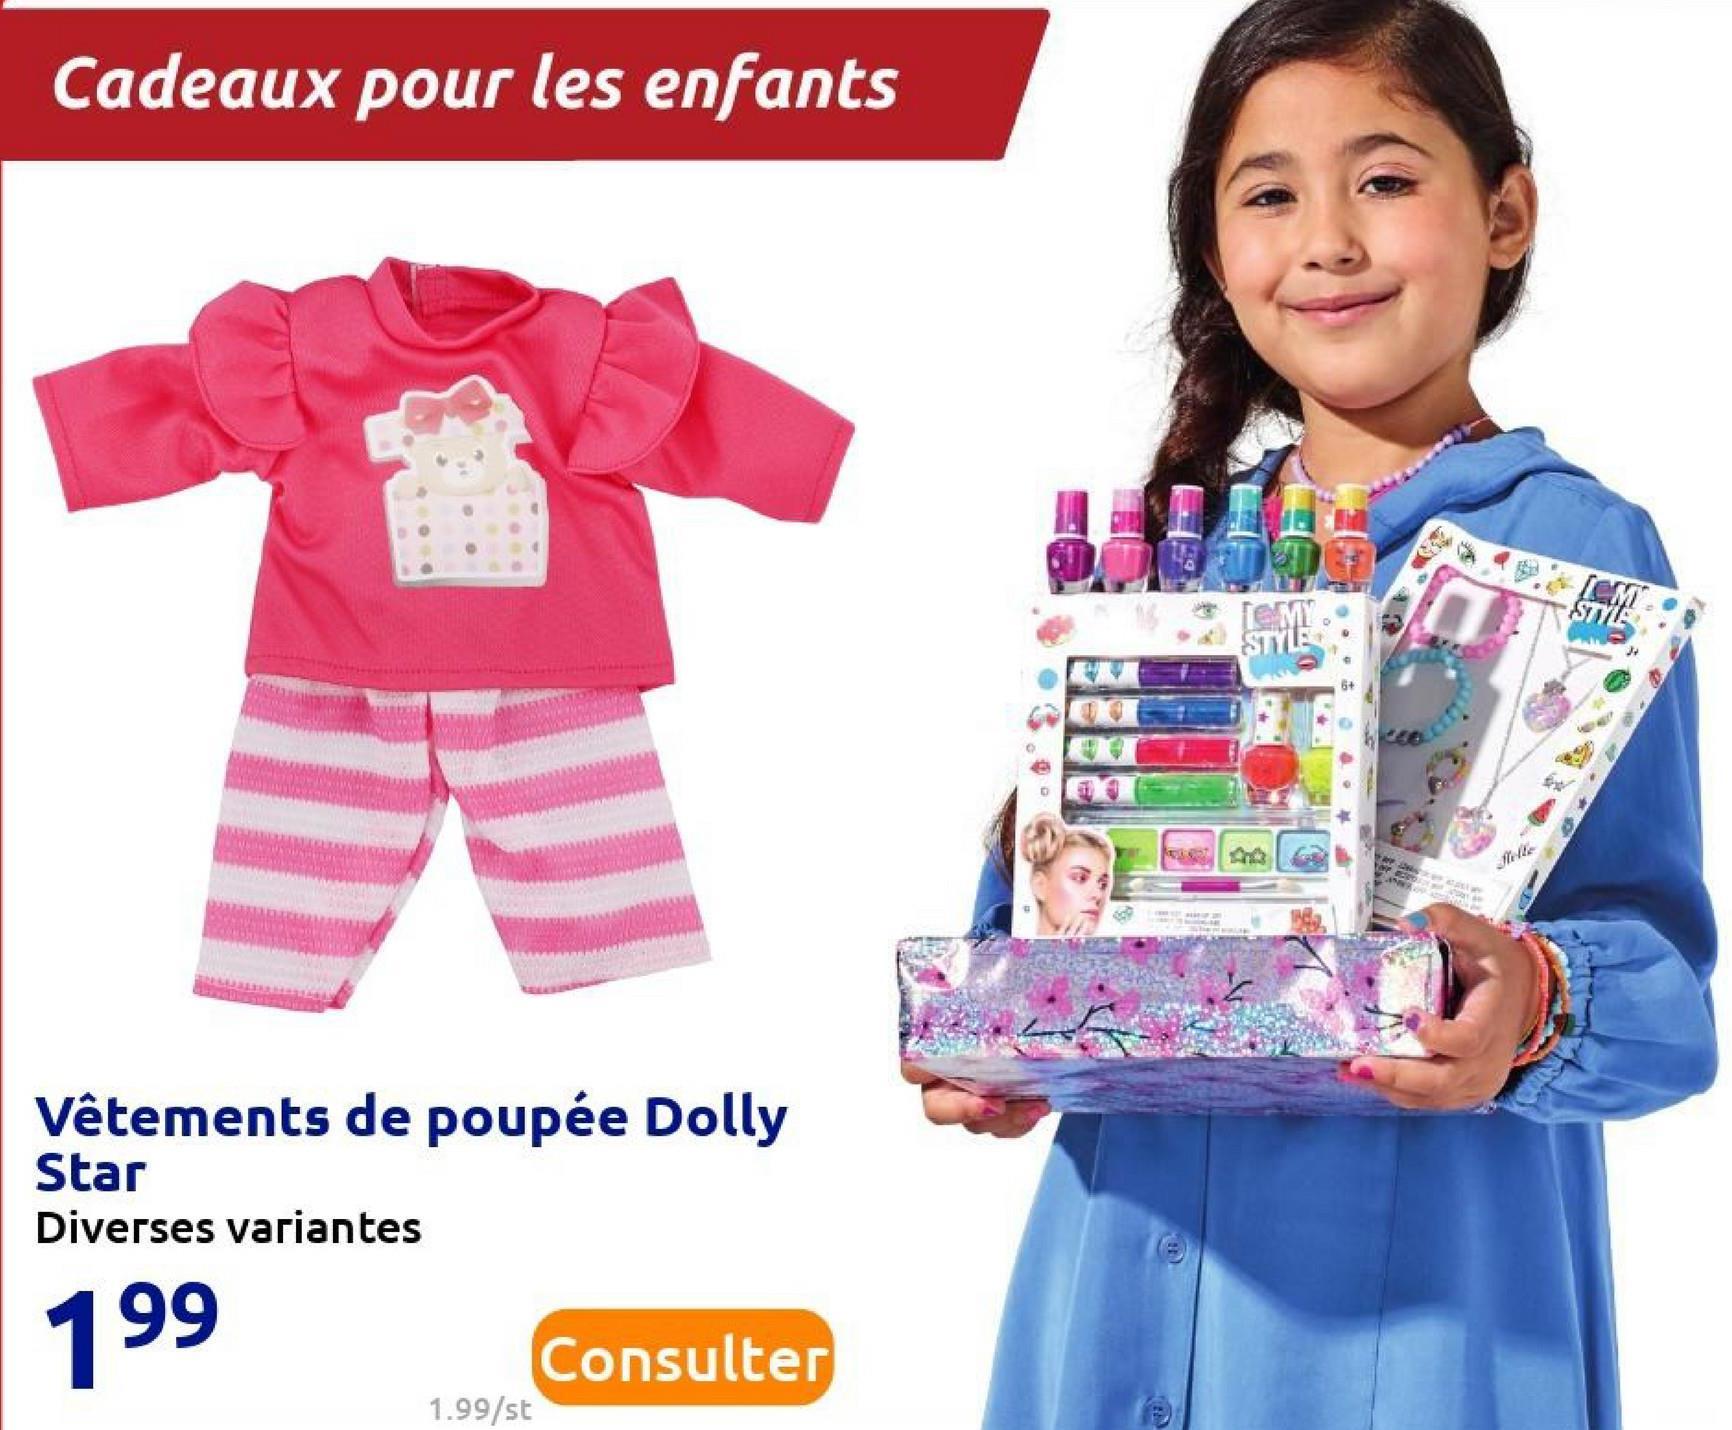 Cadeaux pour les enfants TEMY STYLE Ver Vêtements de poupée Dolly Star Diverses variantes 199 Consulter 1.99/st